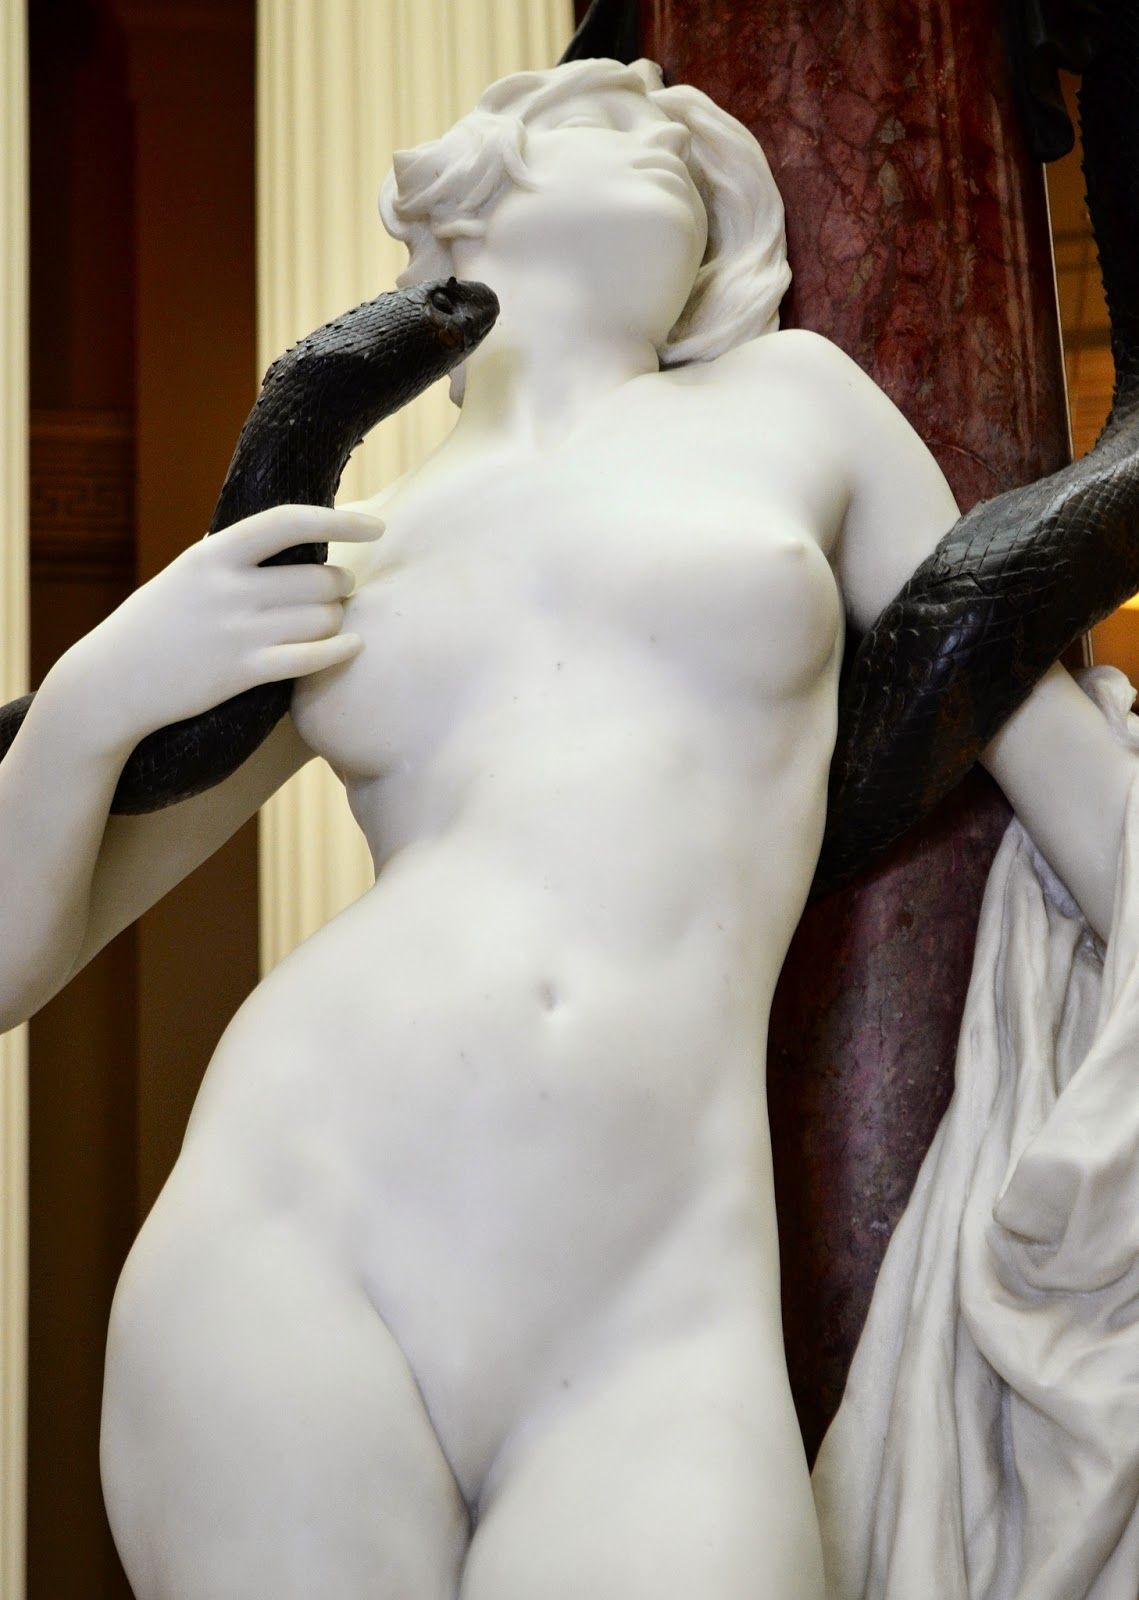 DESIRÉ-MAURICE FERRARY 1852-1904 ConSentido Propio: El Eterno Femenino en la Escultura (III) - GALERÍA: Escultura s. XIX-XX. Francia (3)